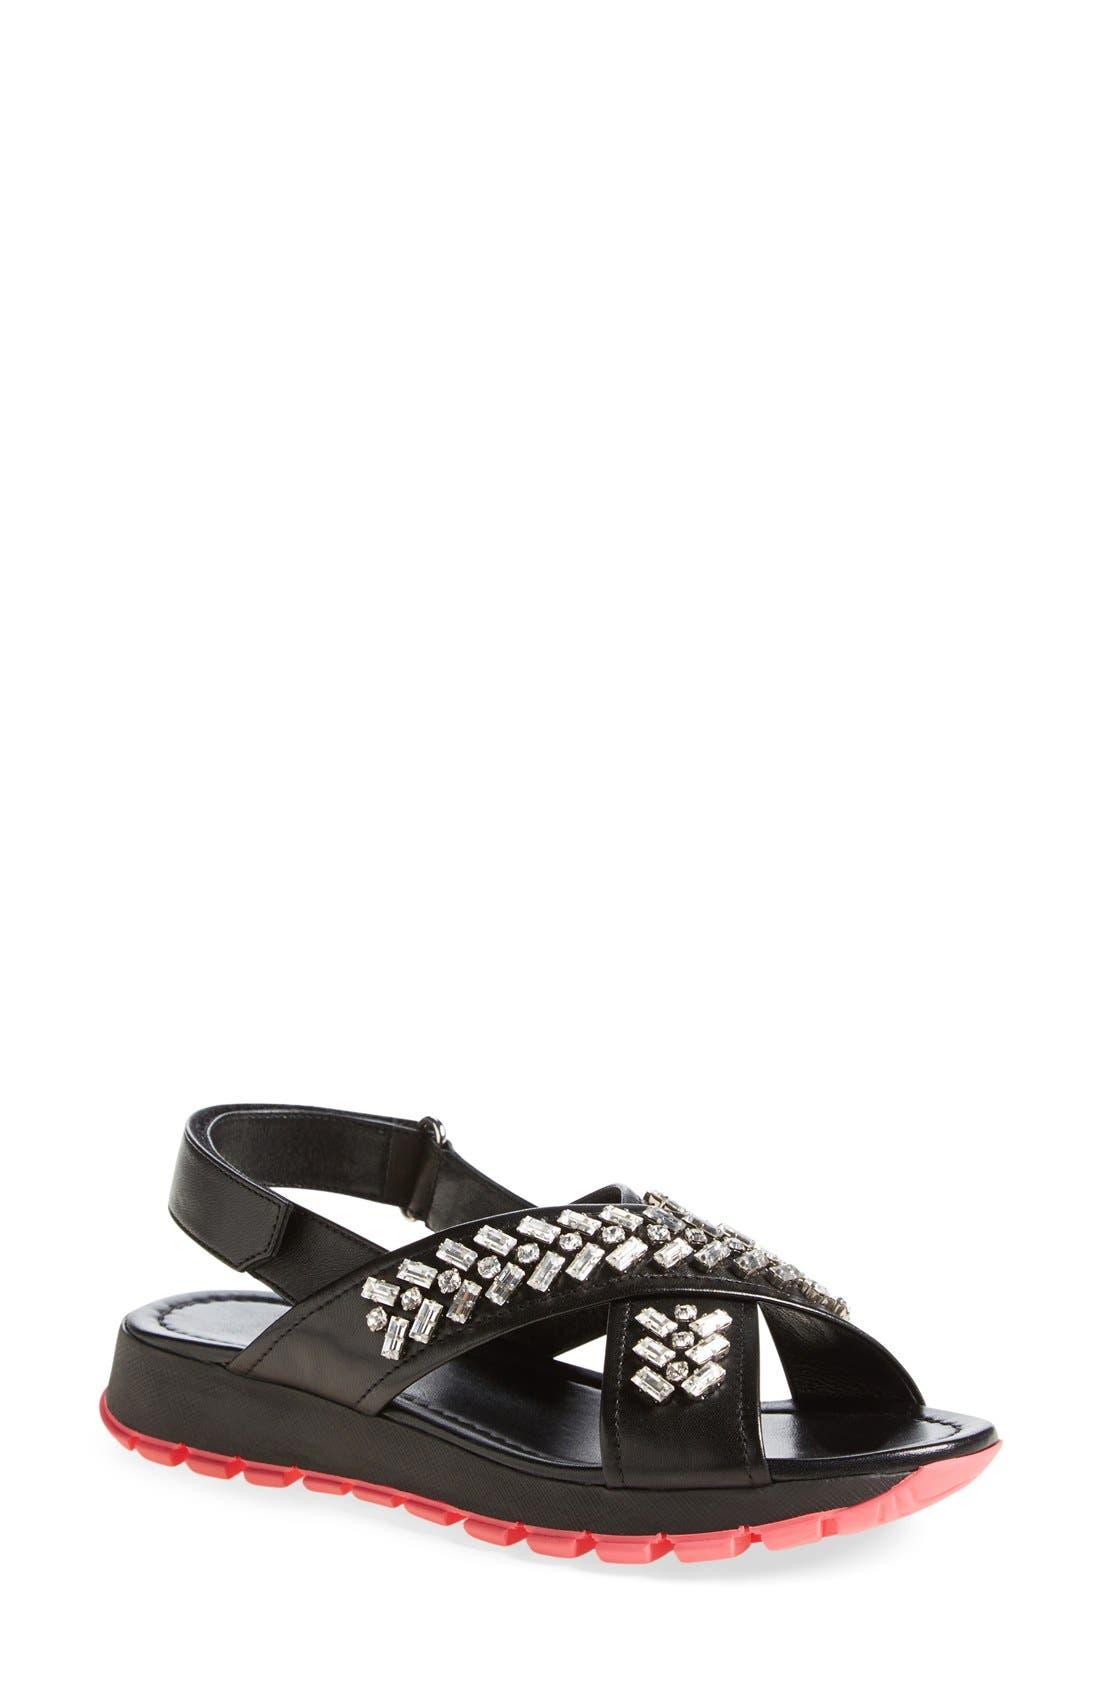 Swarovski Crystal Embellished Crisscross Sandal, Main, color, 001